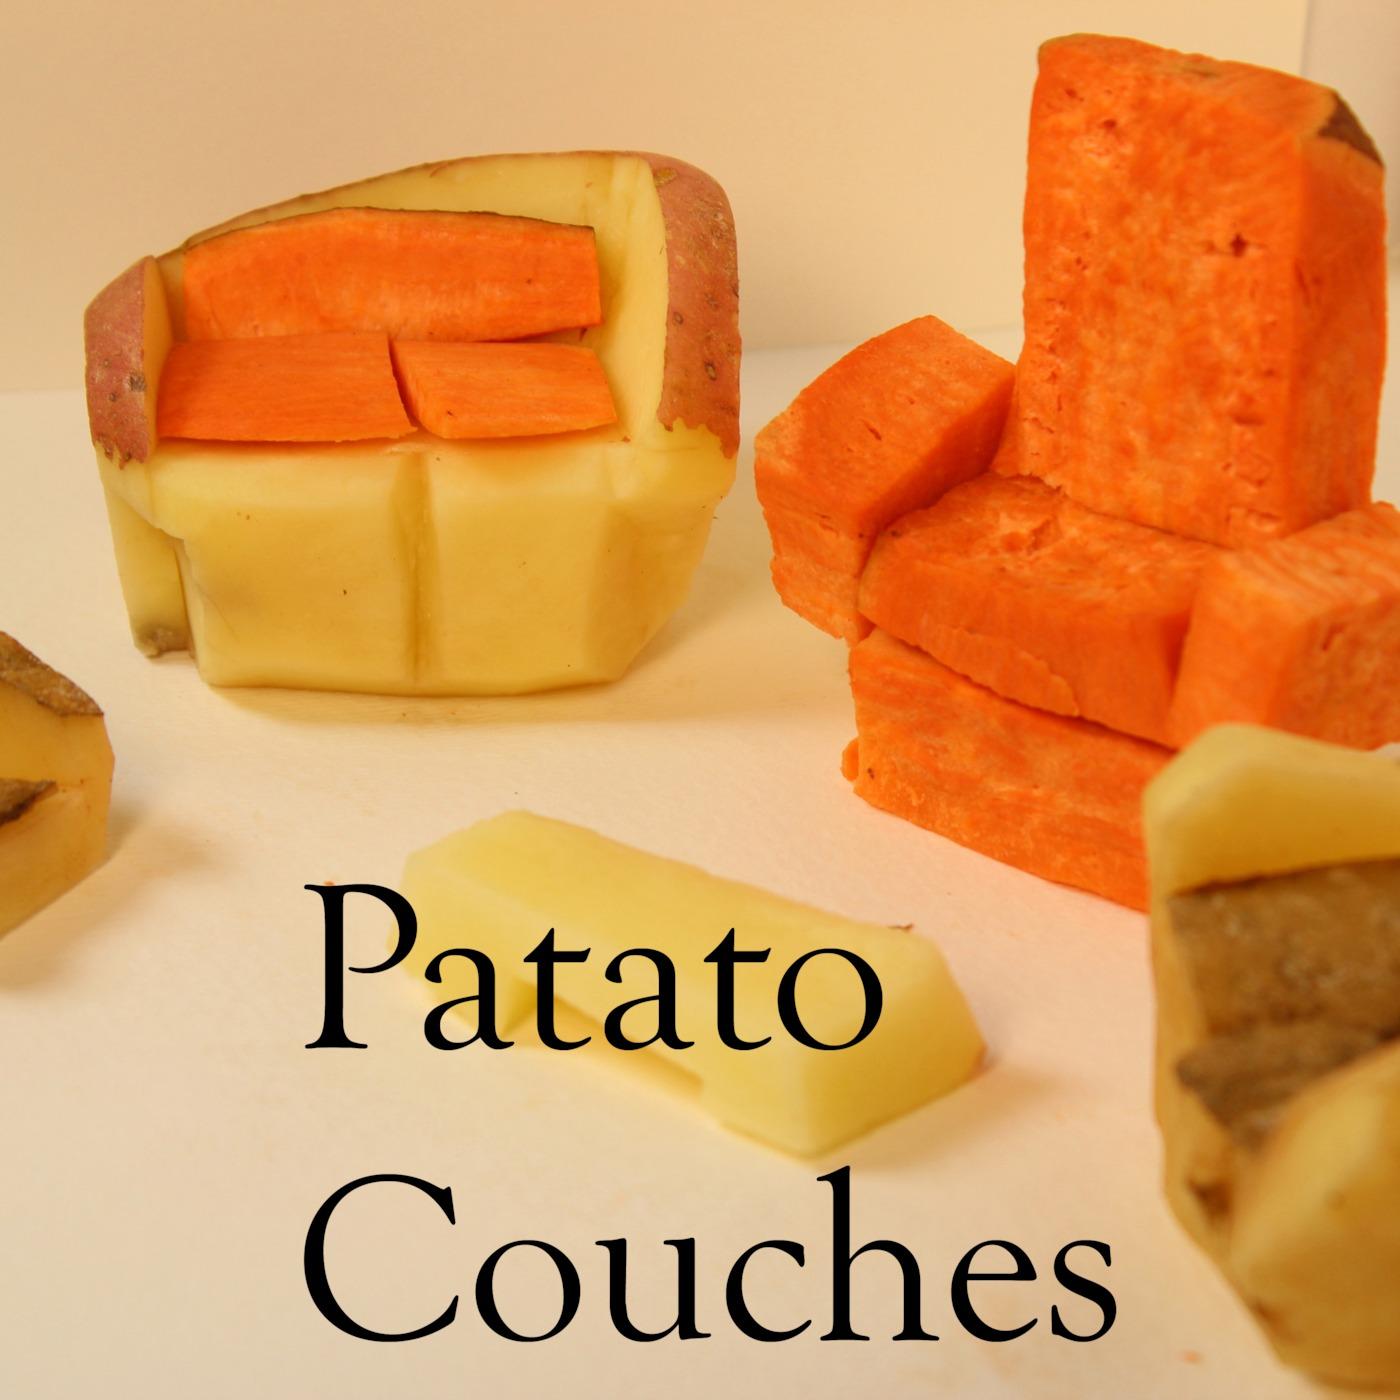 Patato Couches